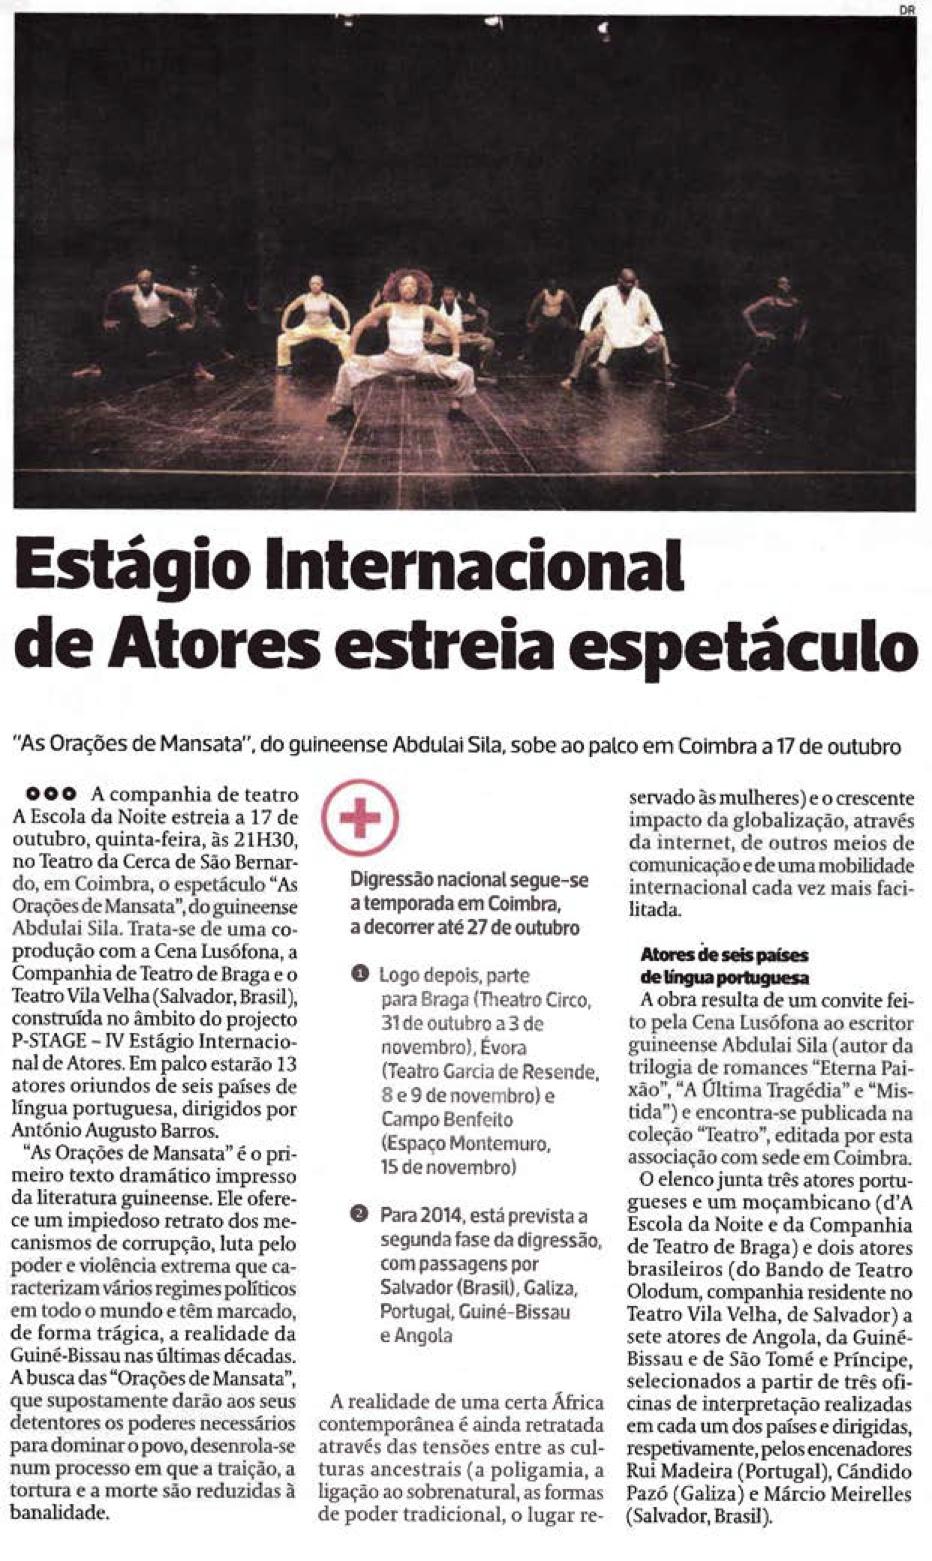 Diário As Beiras, 12/10/2013